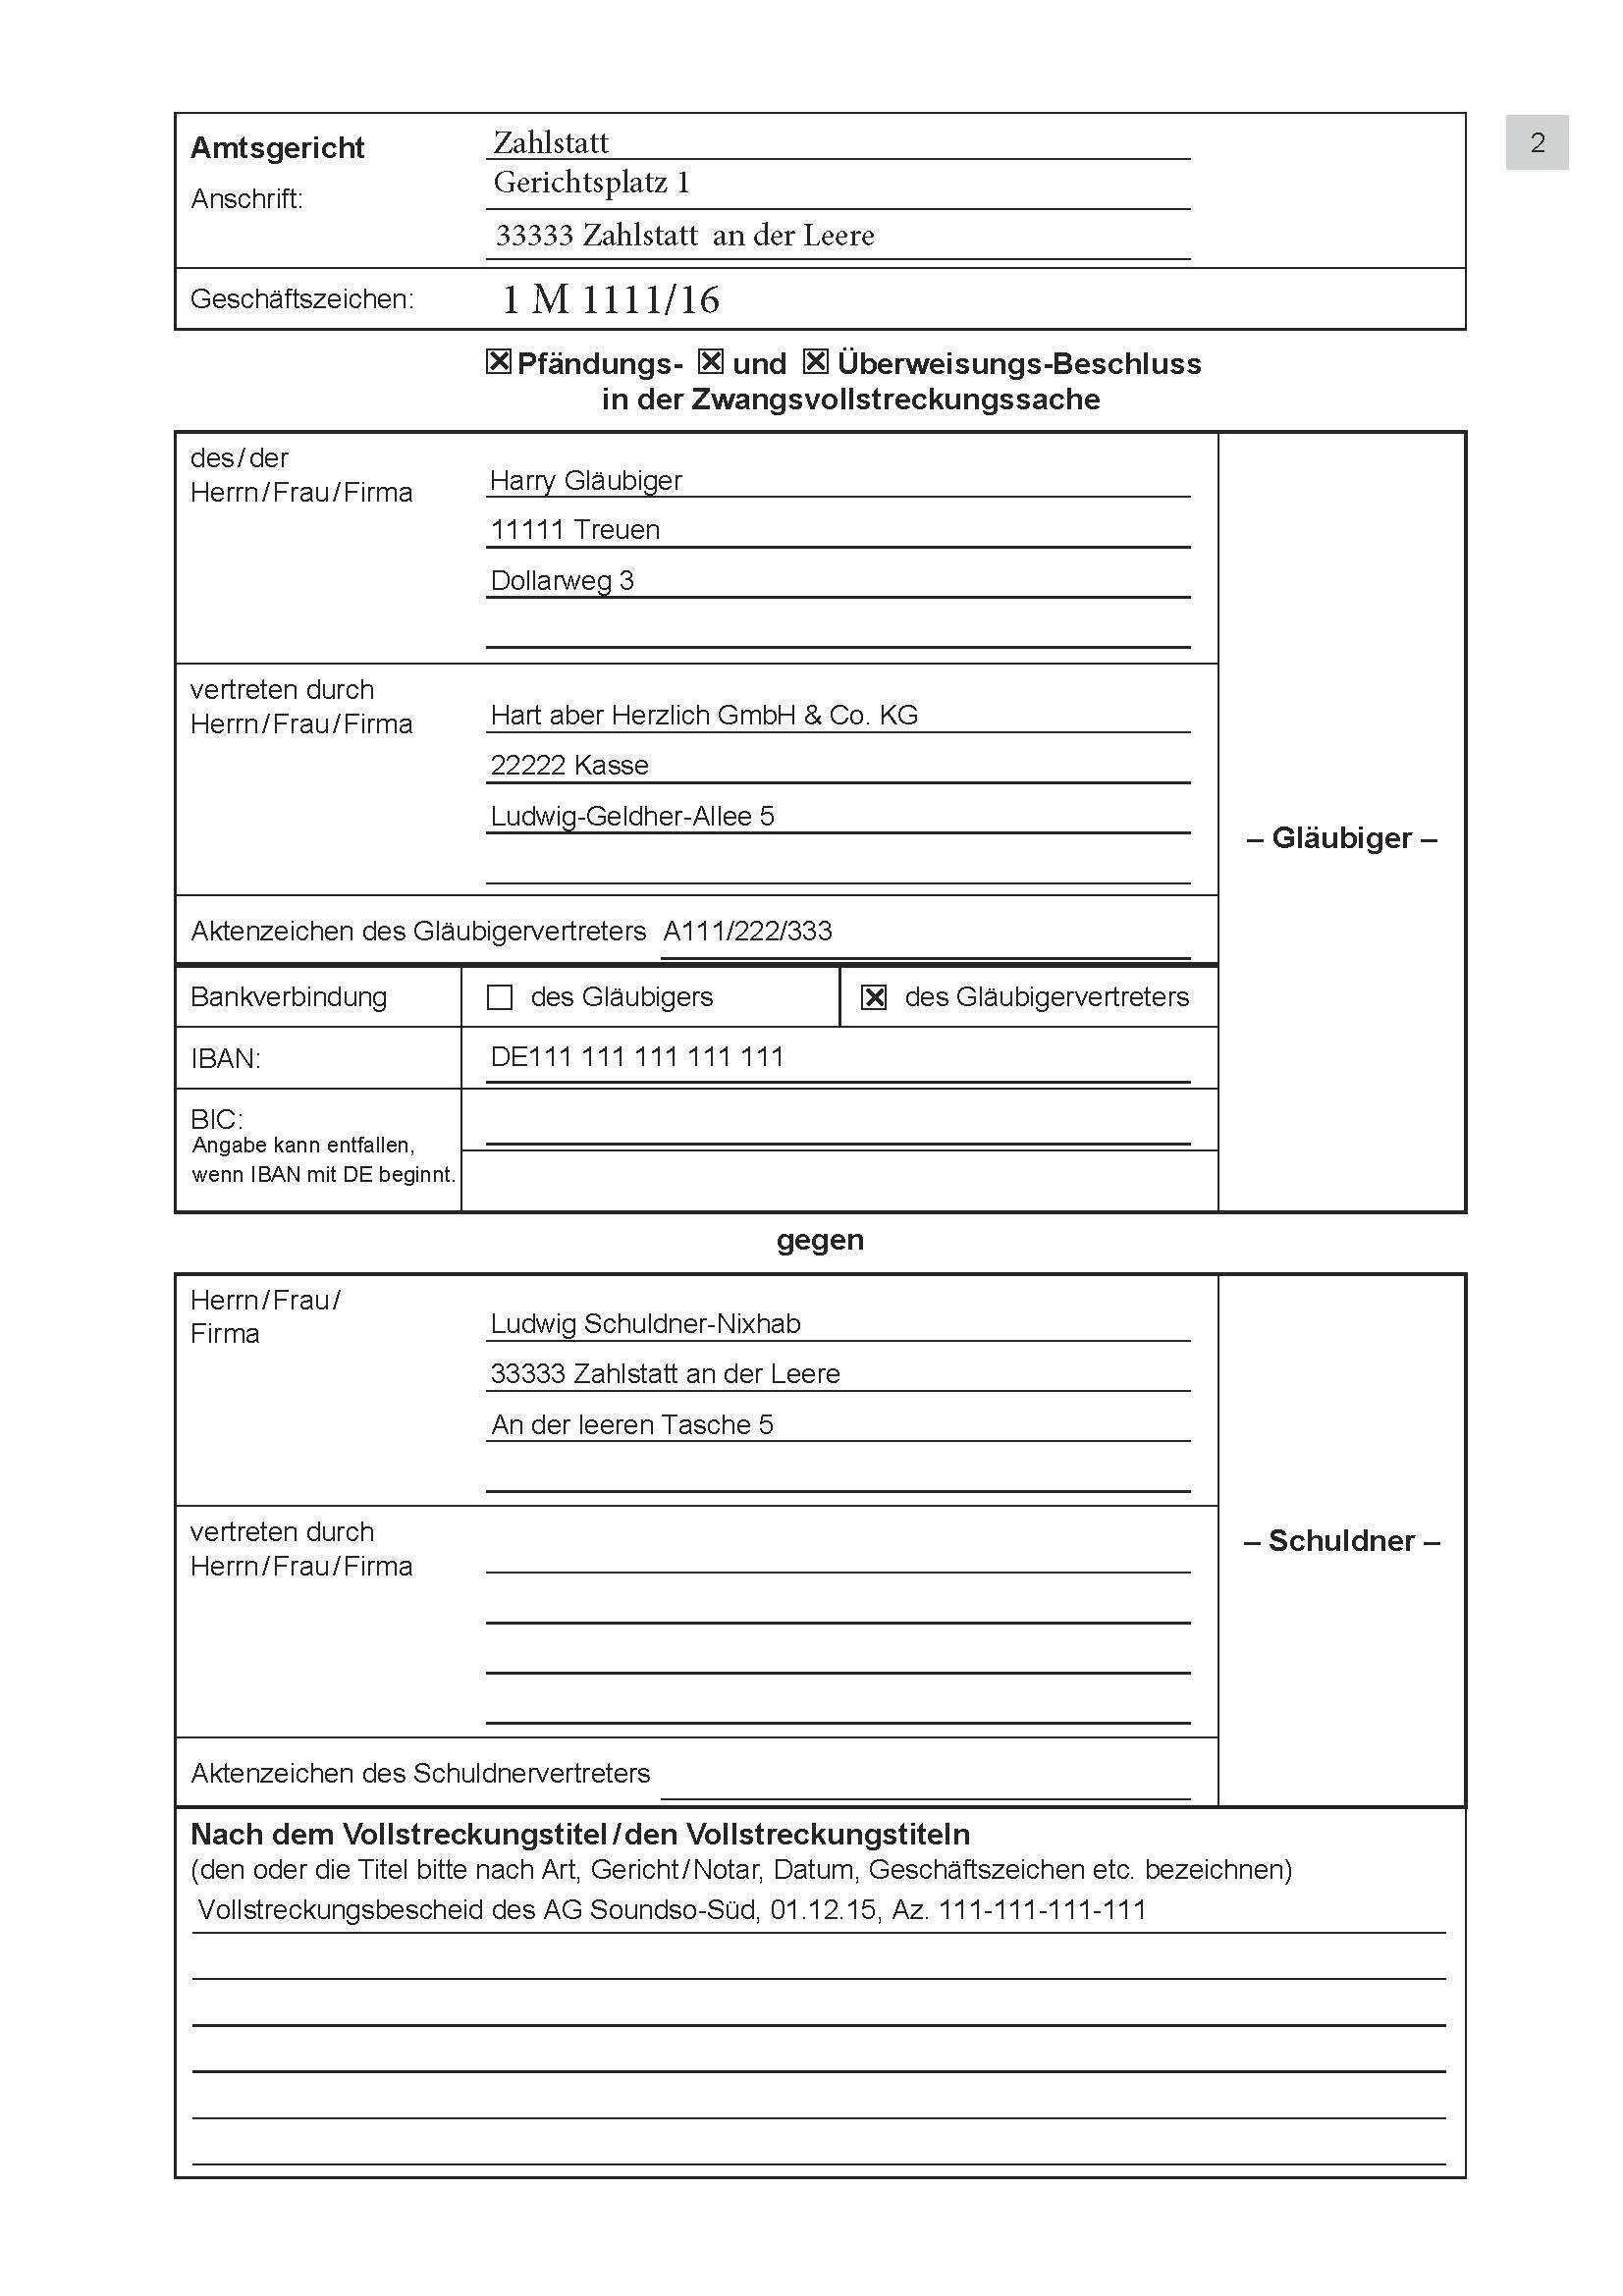 Antragstellung Fur Kontofreigabe Wenn Der Lohn Aufs Konto Kommt Teil 1 Schuldnerberatung Kanzlei Grundmann